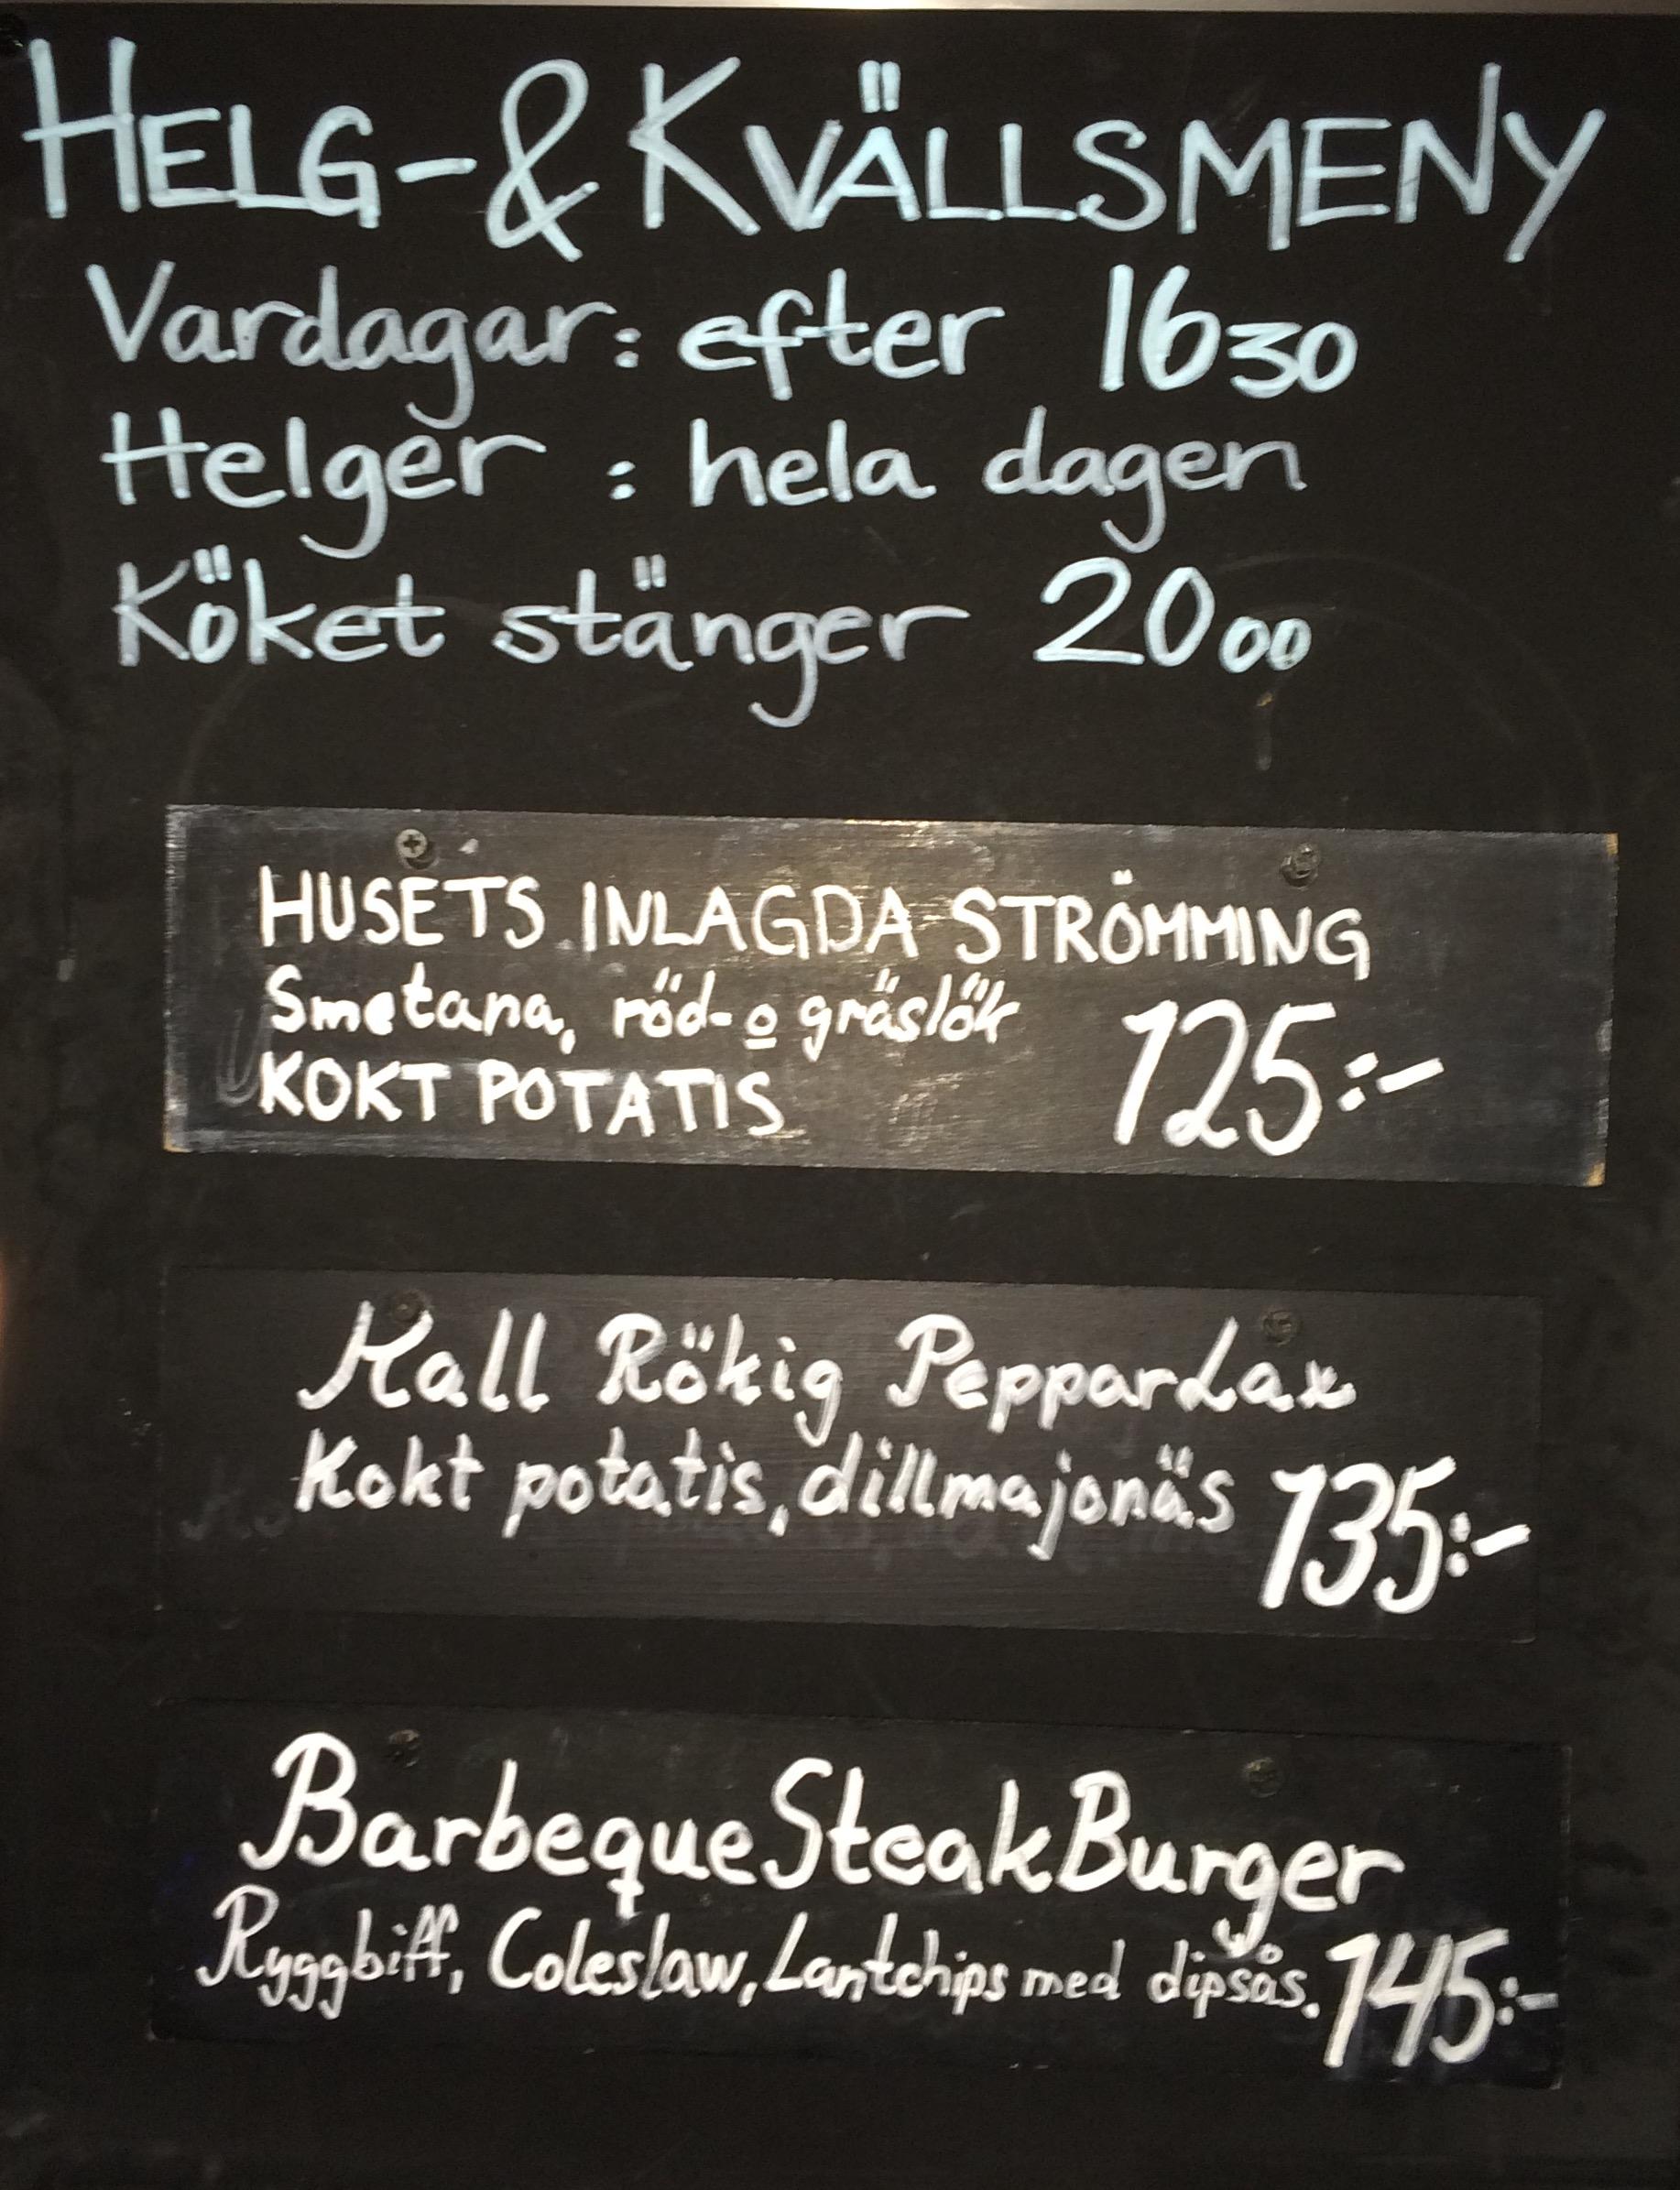 Weekend menu